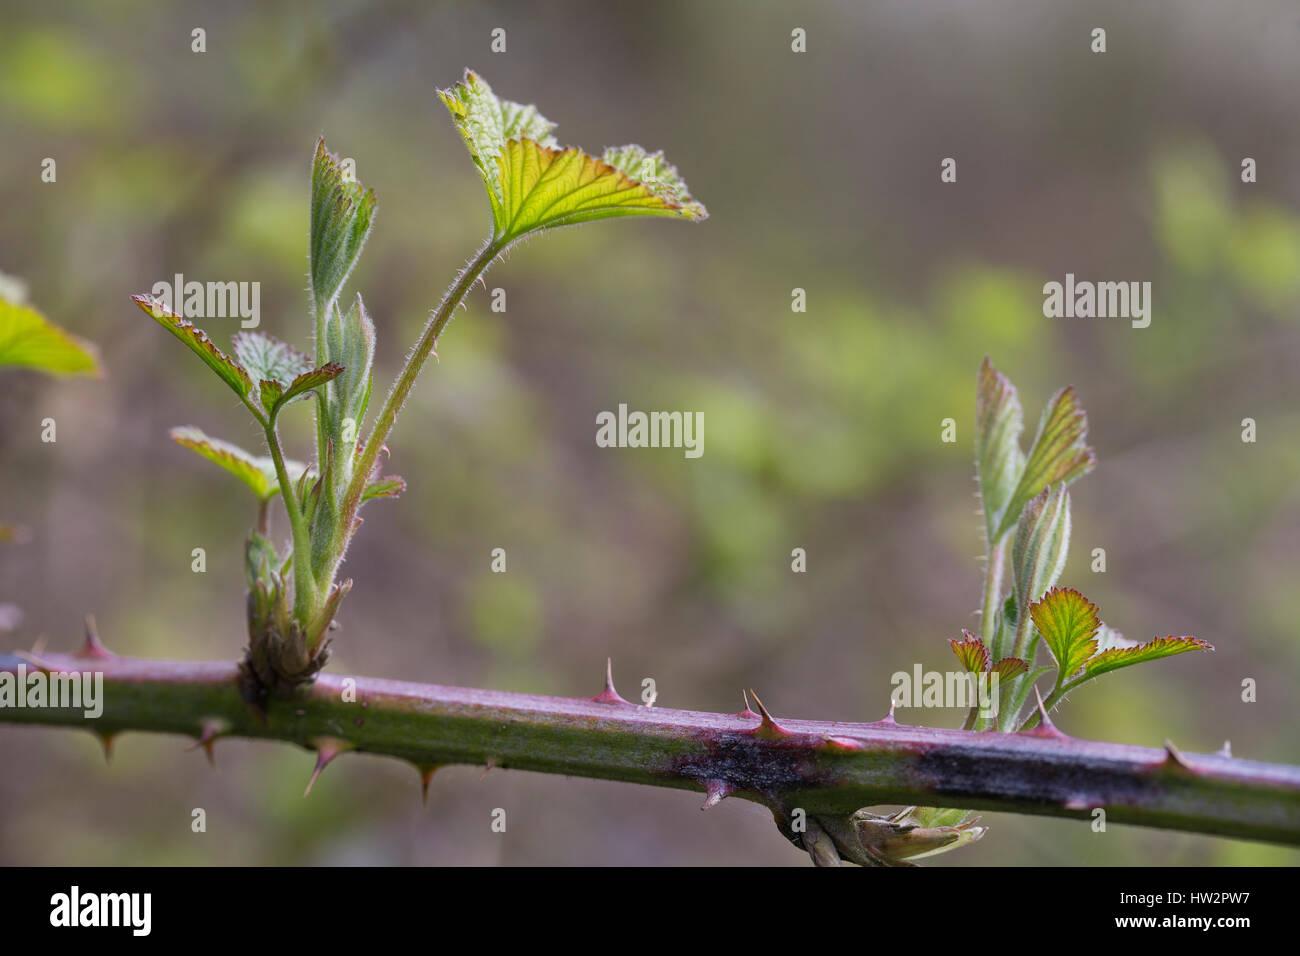 Brombeer-Blätter, Brombeerblätter, junge Blätter, Blattaustrieb, Brombeere, Echte Brombeere, Blatt, - Stock Image